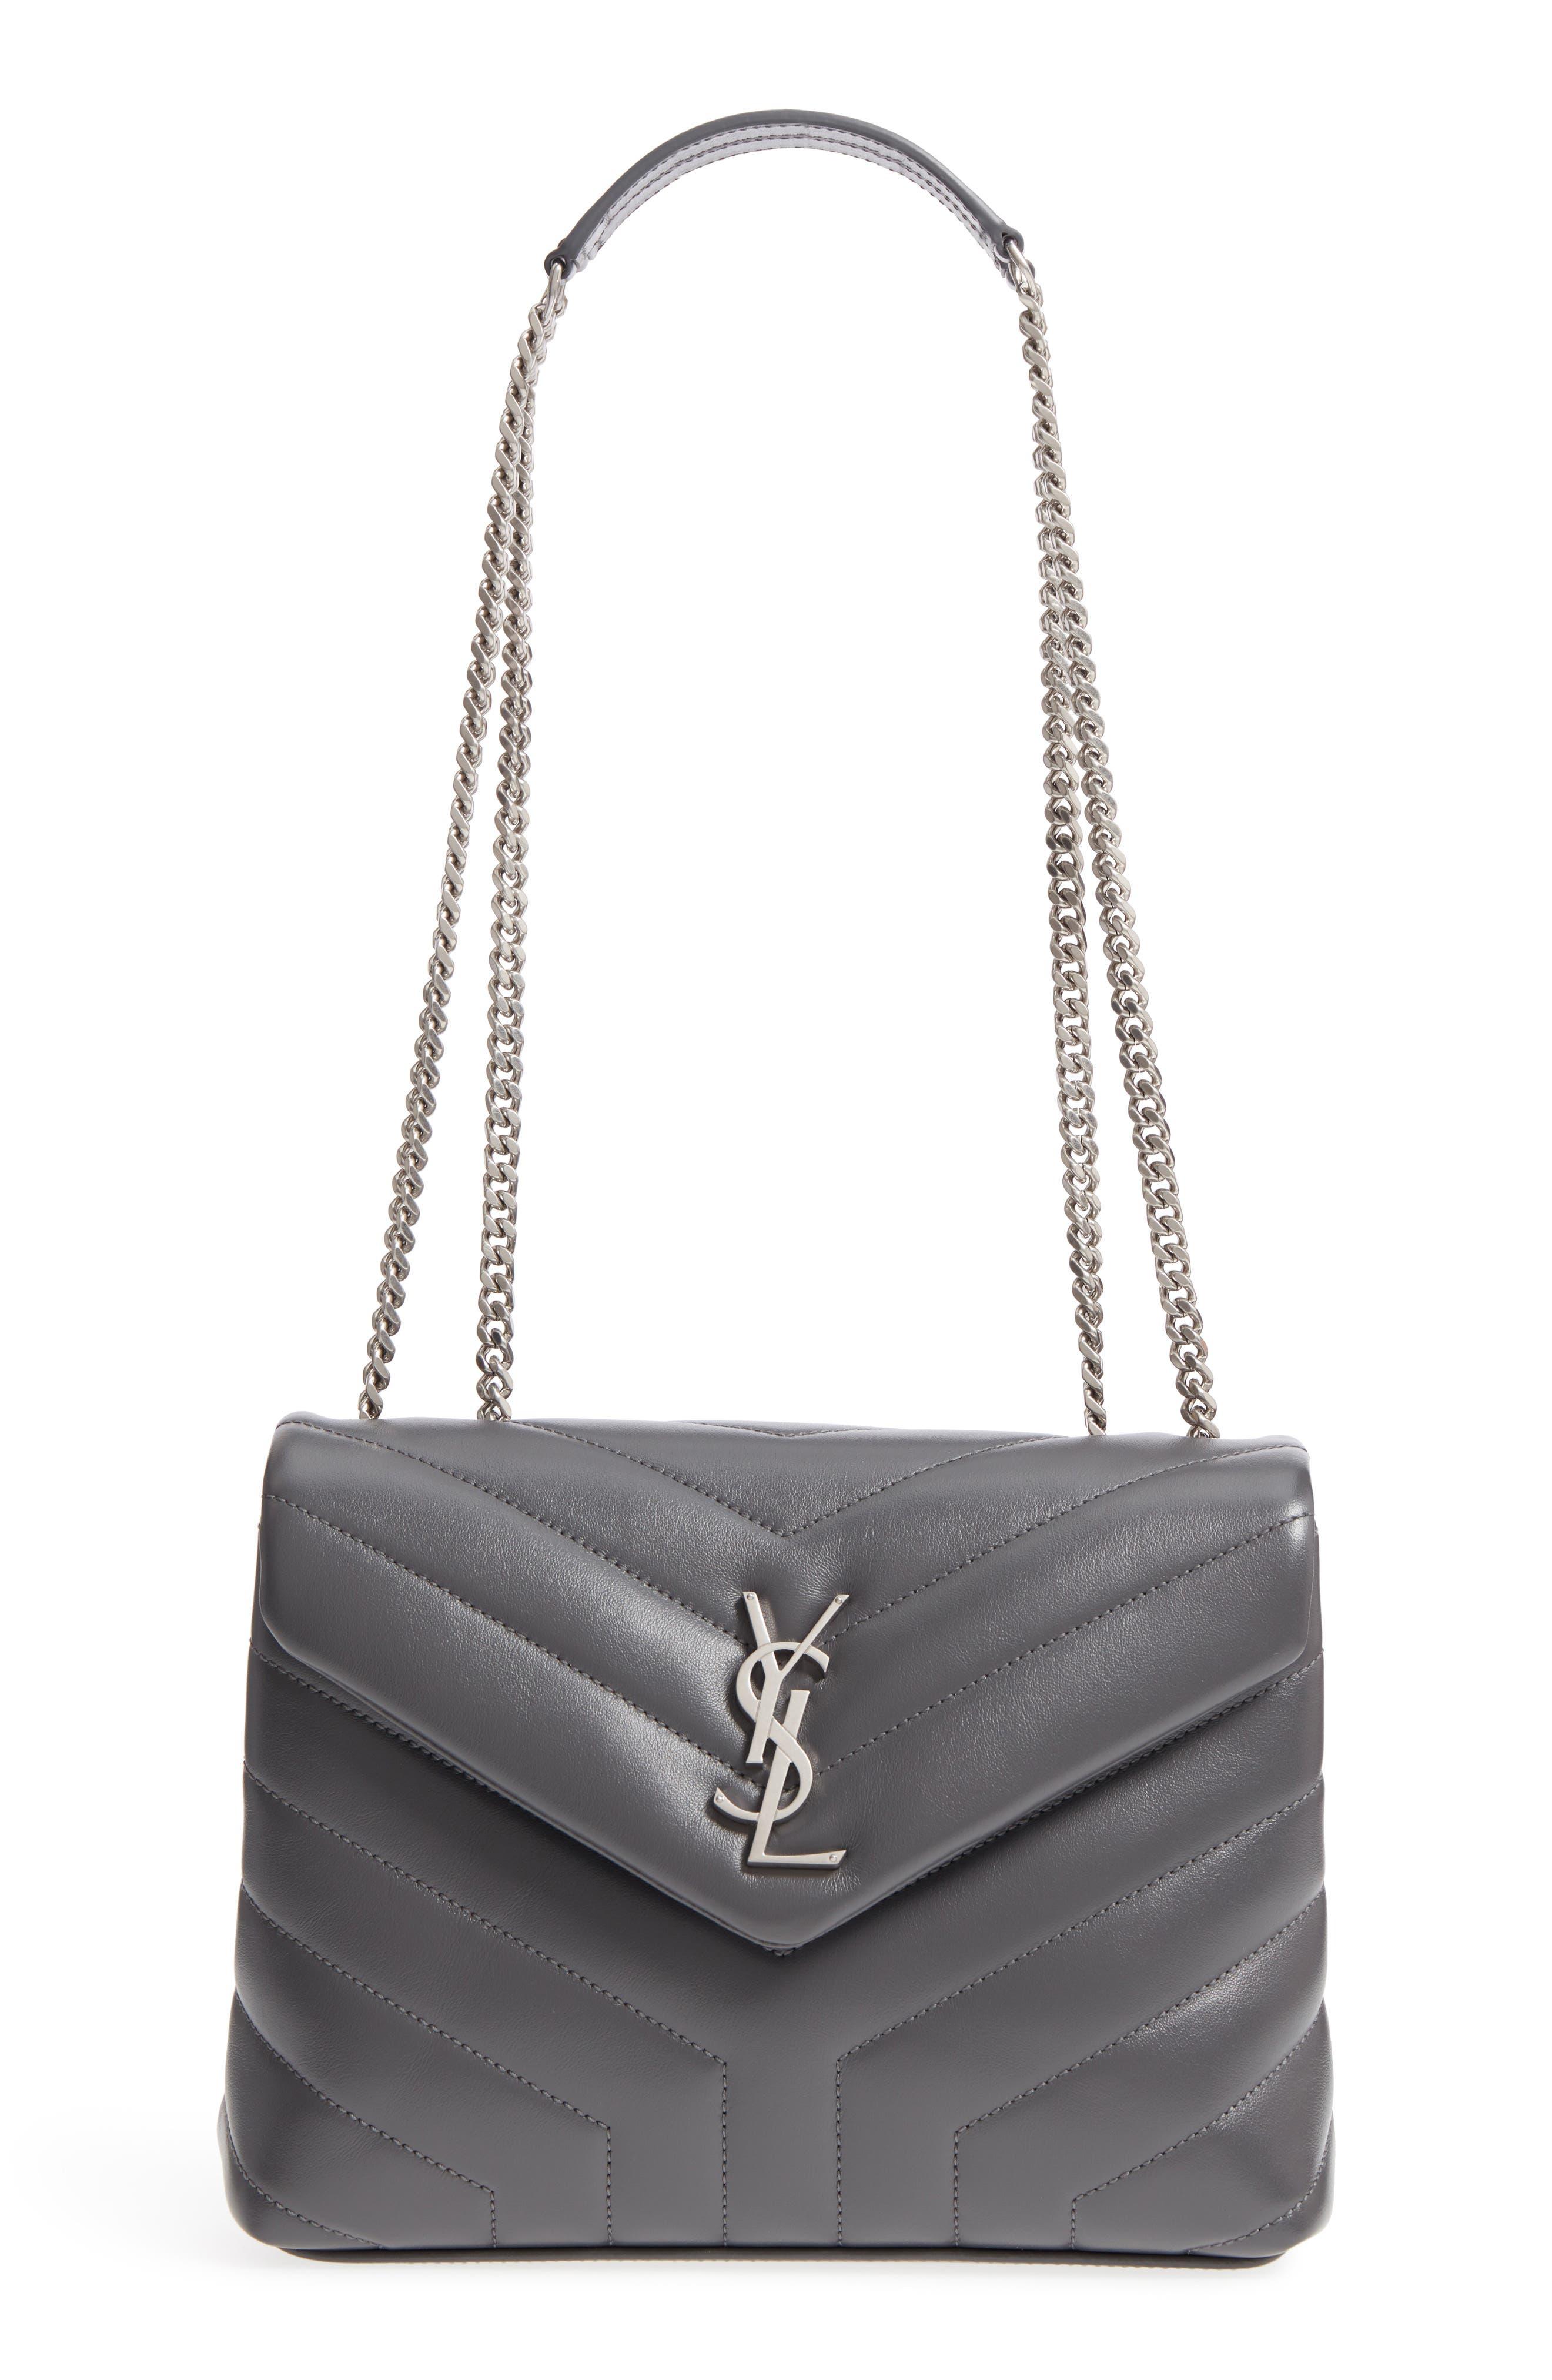 Saint Laurent Small Loulou Matelassé Leather Shoulder Bag